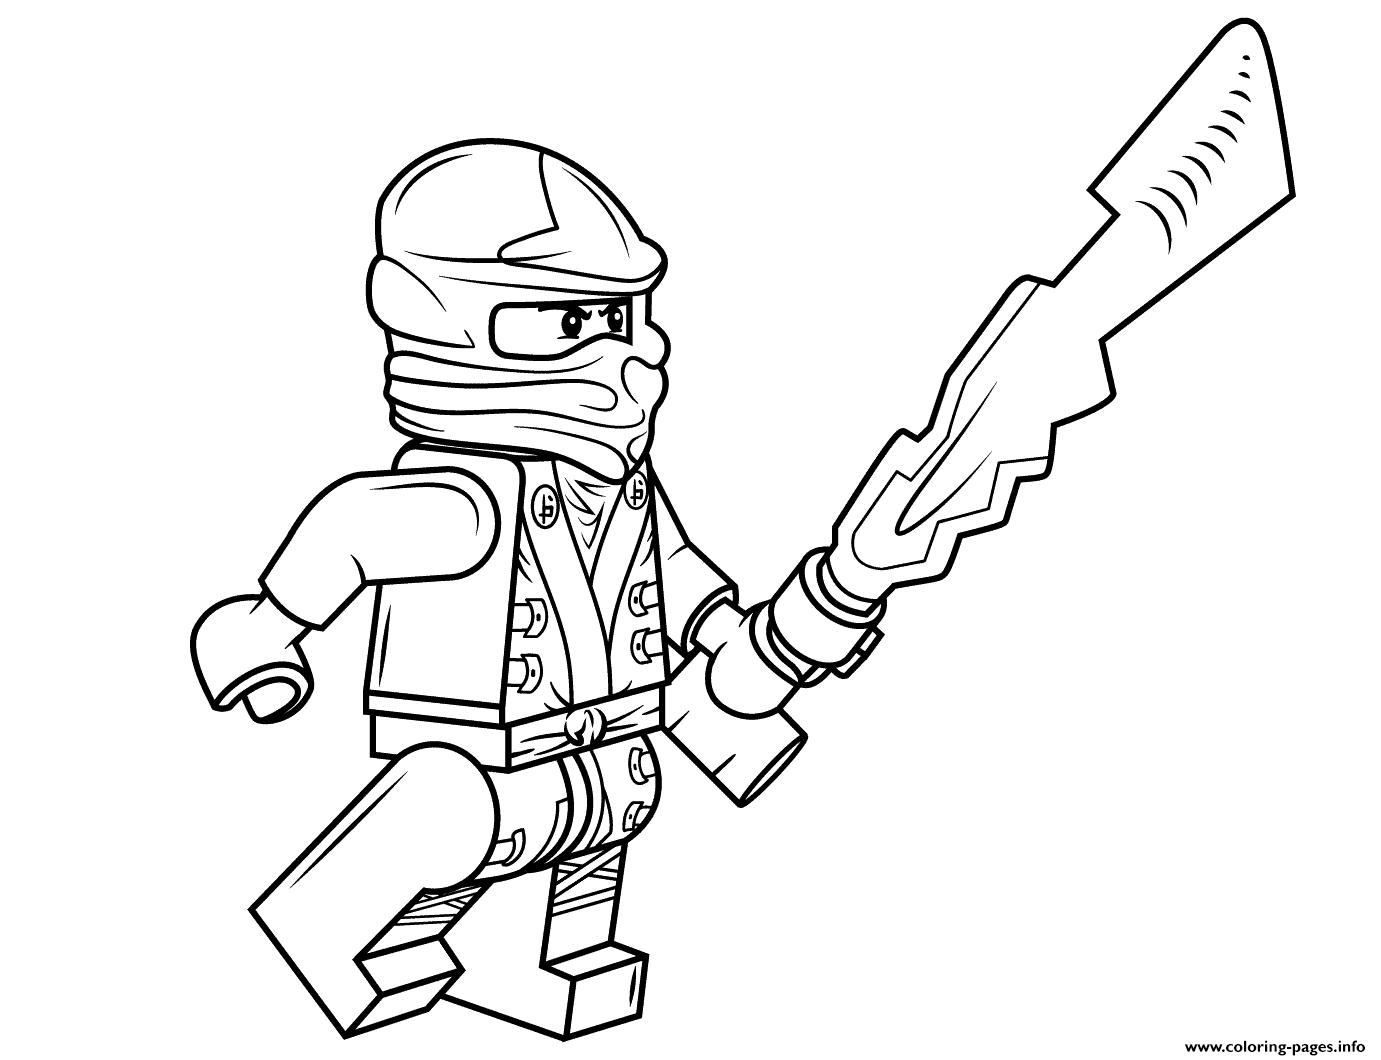 Lego ninjago coloring pages - Lego Ninjago Coloring Pages 39